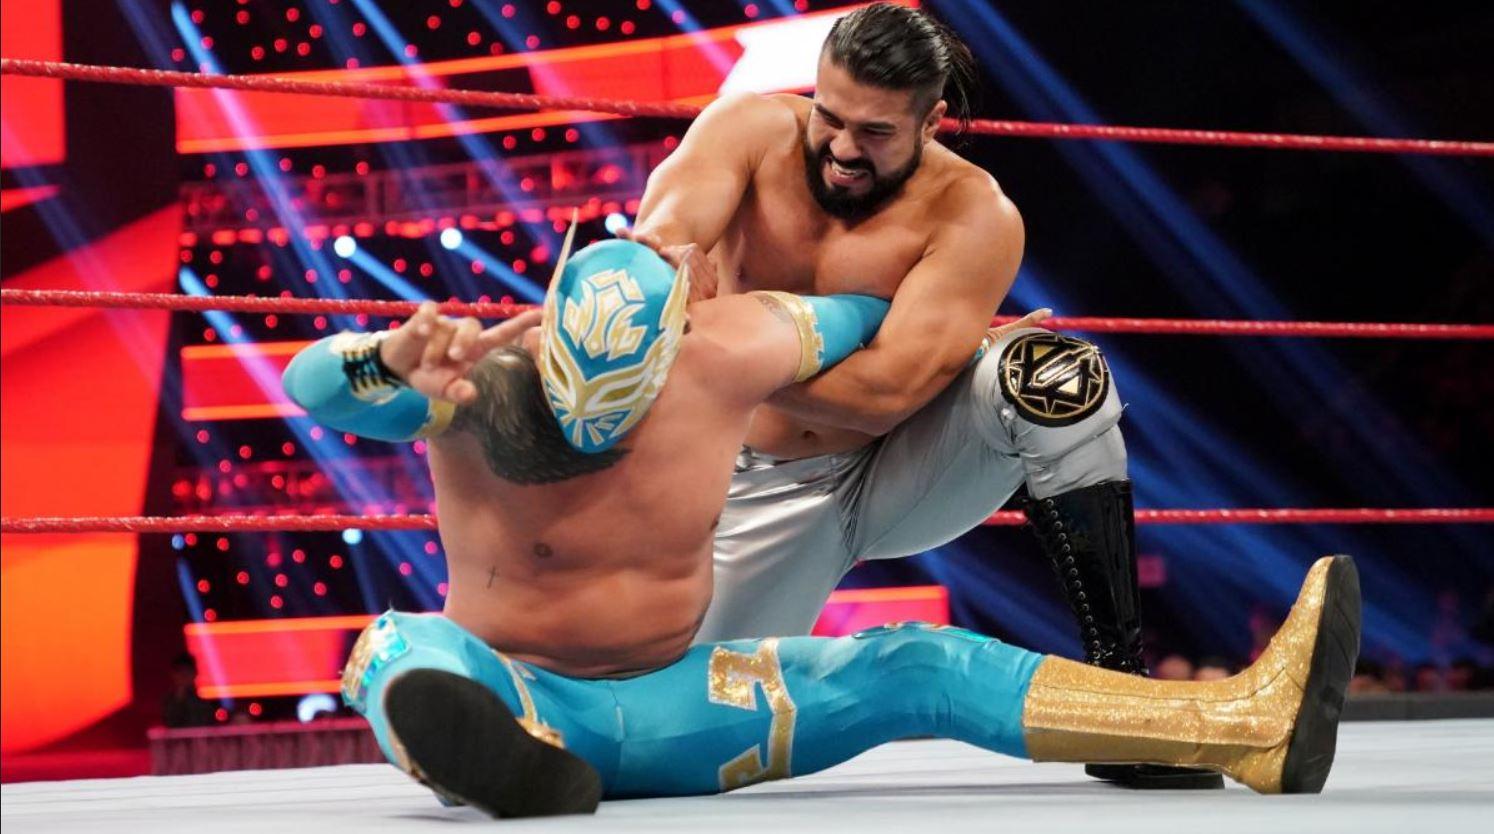 wrestler needed anger management